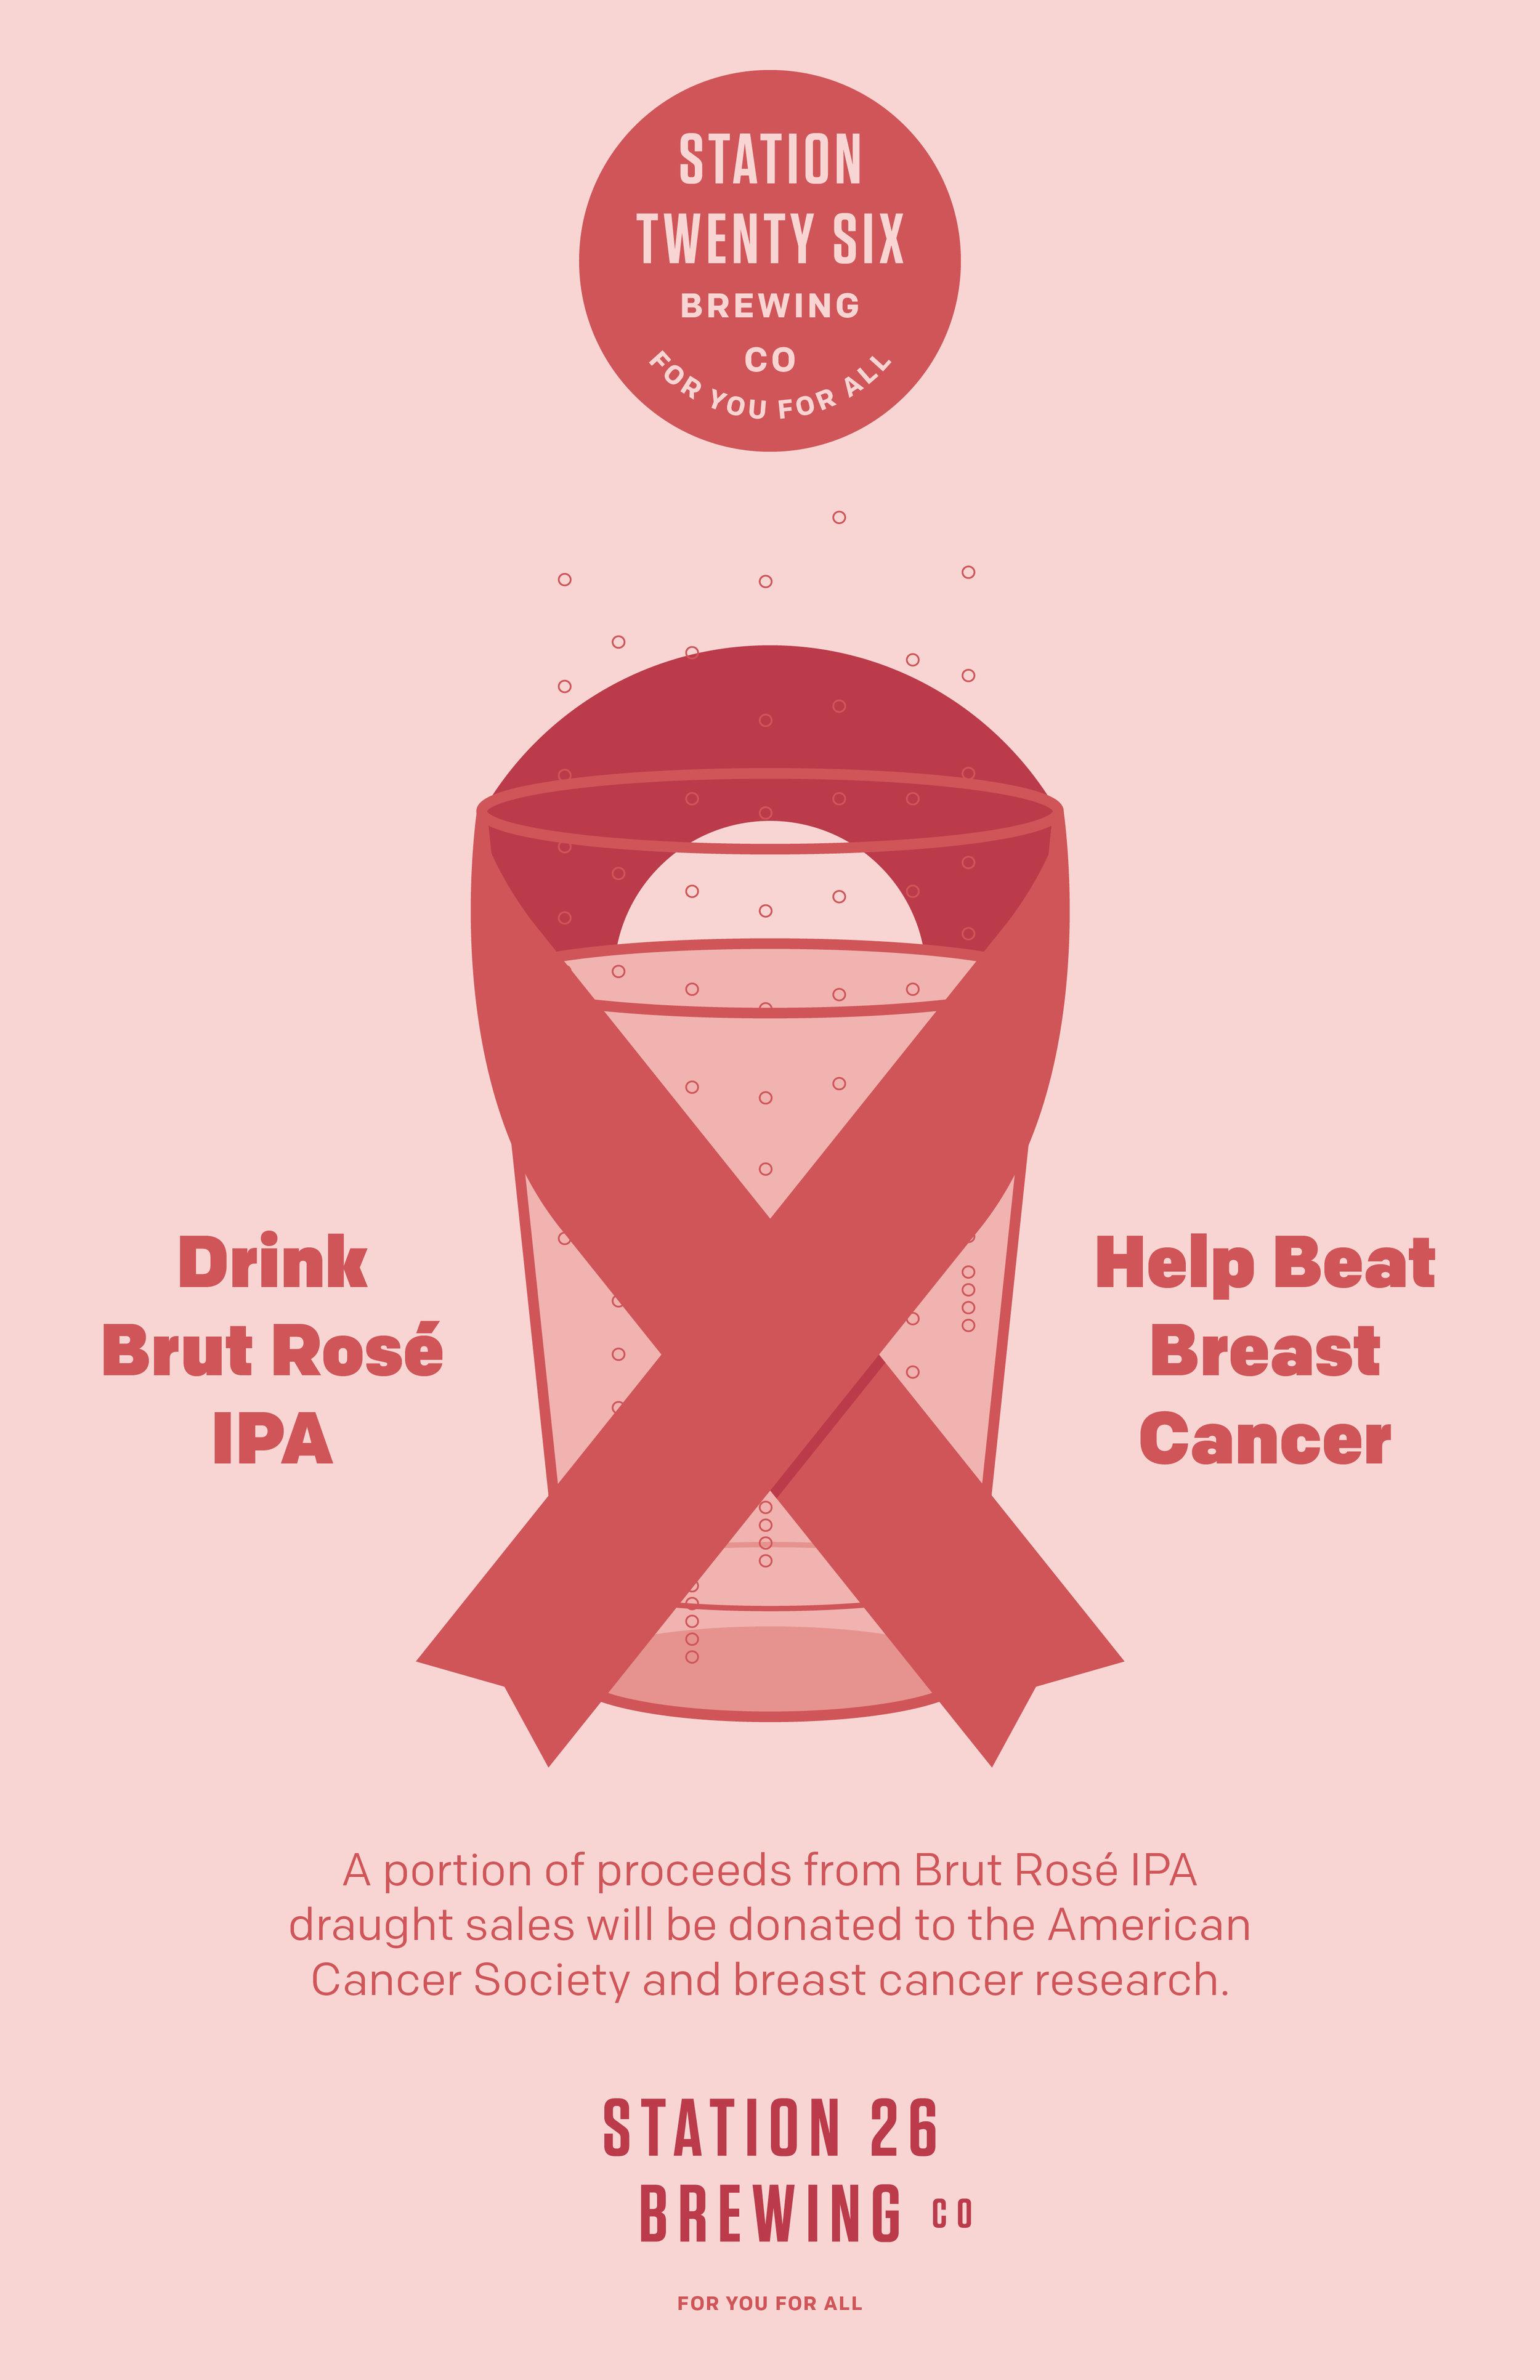 SB503_Poster_BreastCancerBrutRoseIPA_Mech_v1_Web.jpg